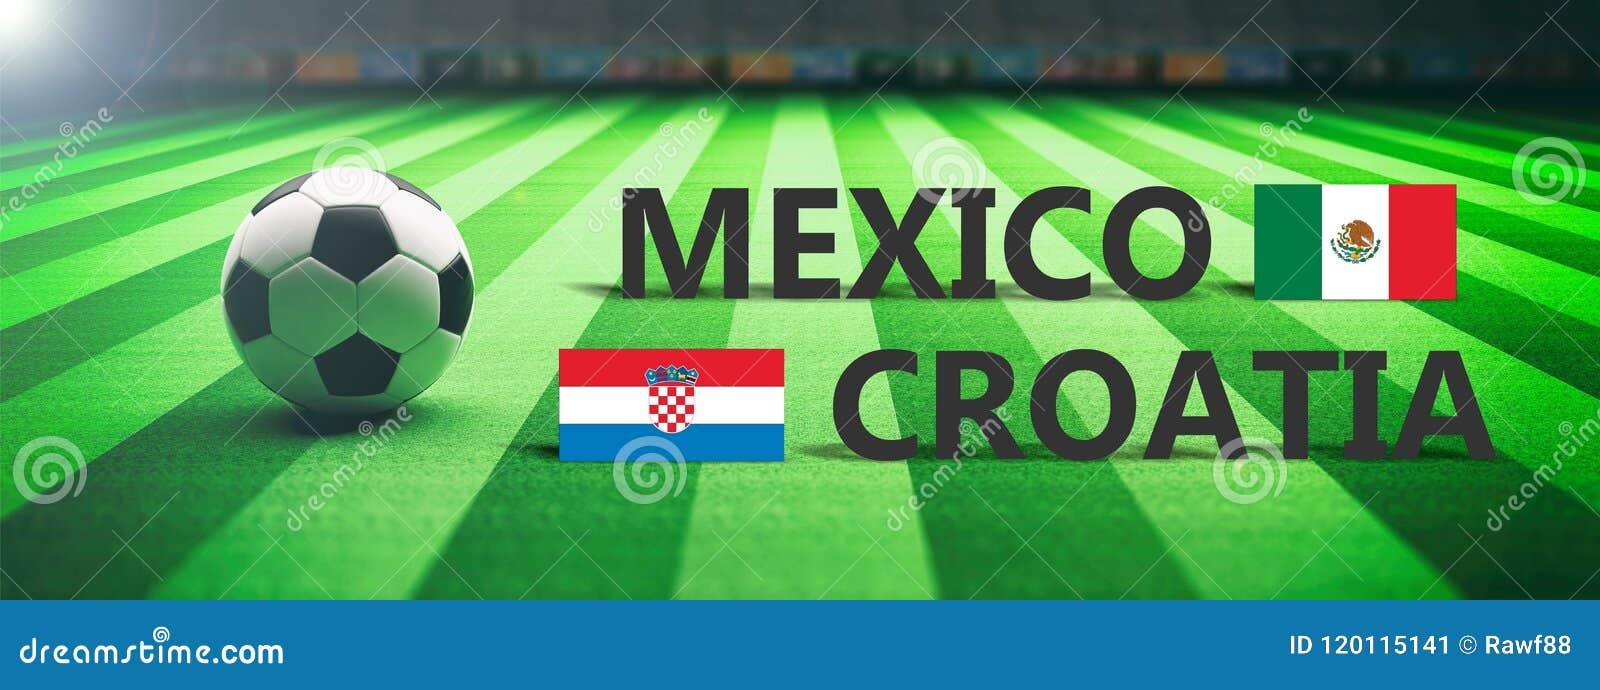 Voetbal, voetbalwedstrijd, Mexico versus Kroatië, 3d illustratie